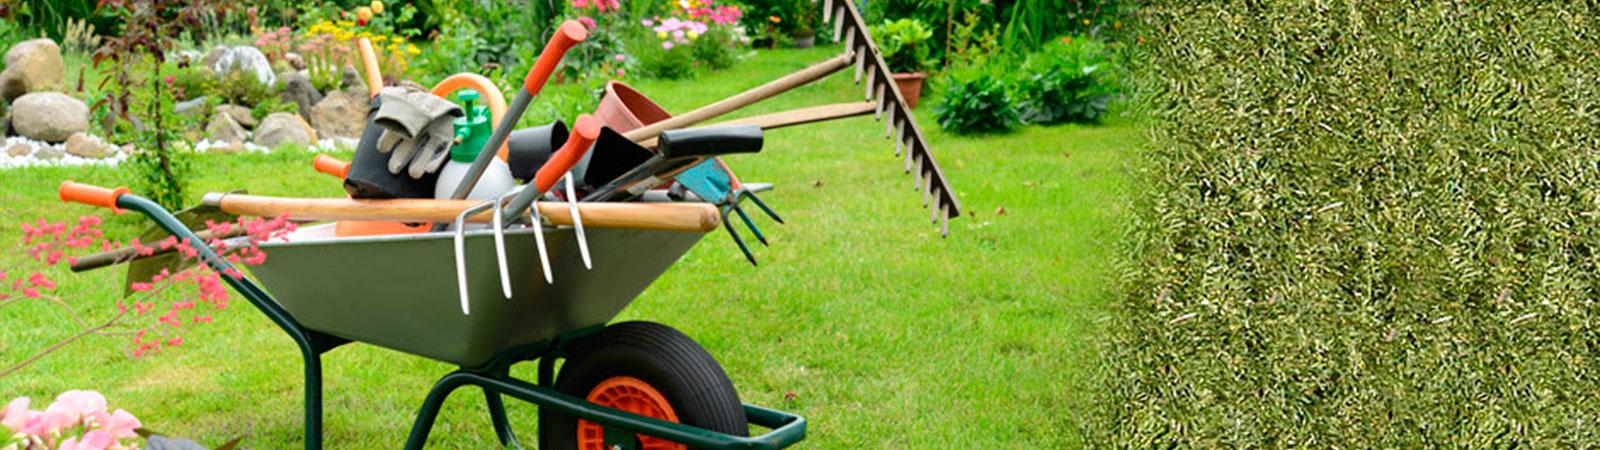 Slider_Gartenpflege